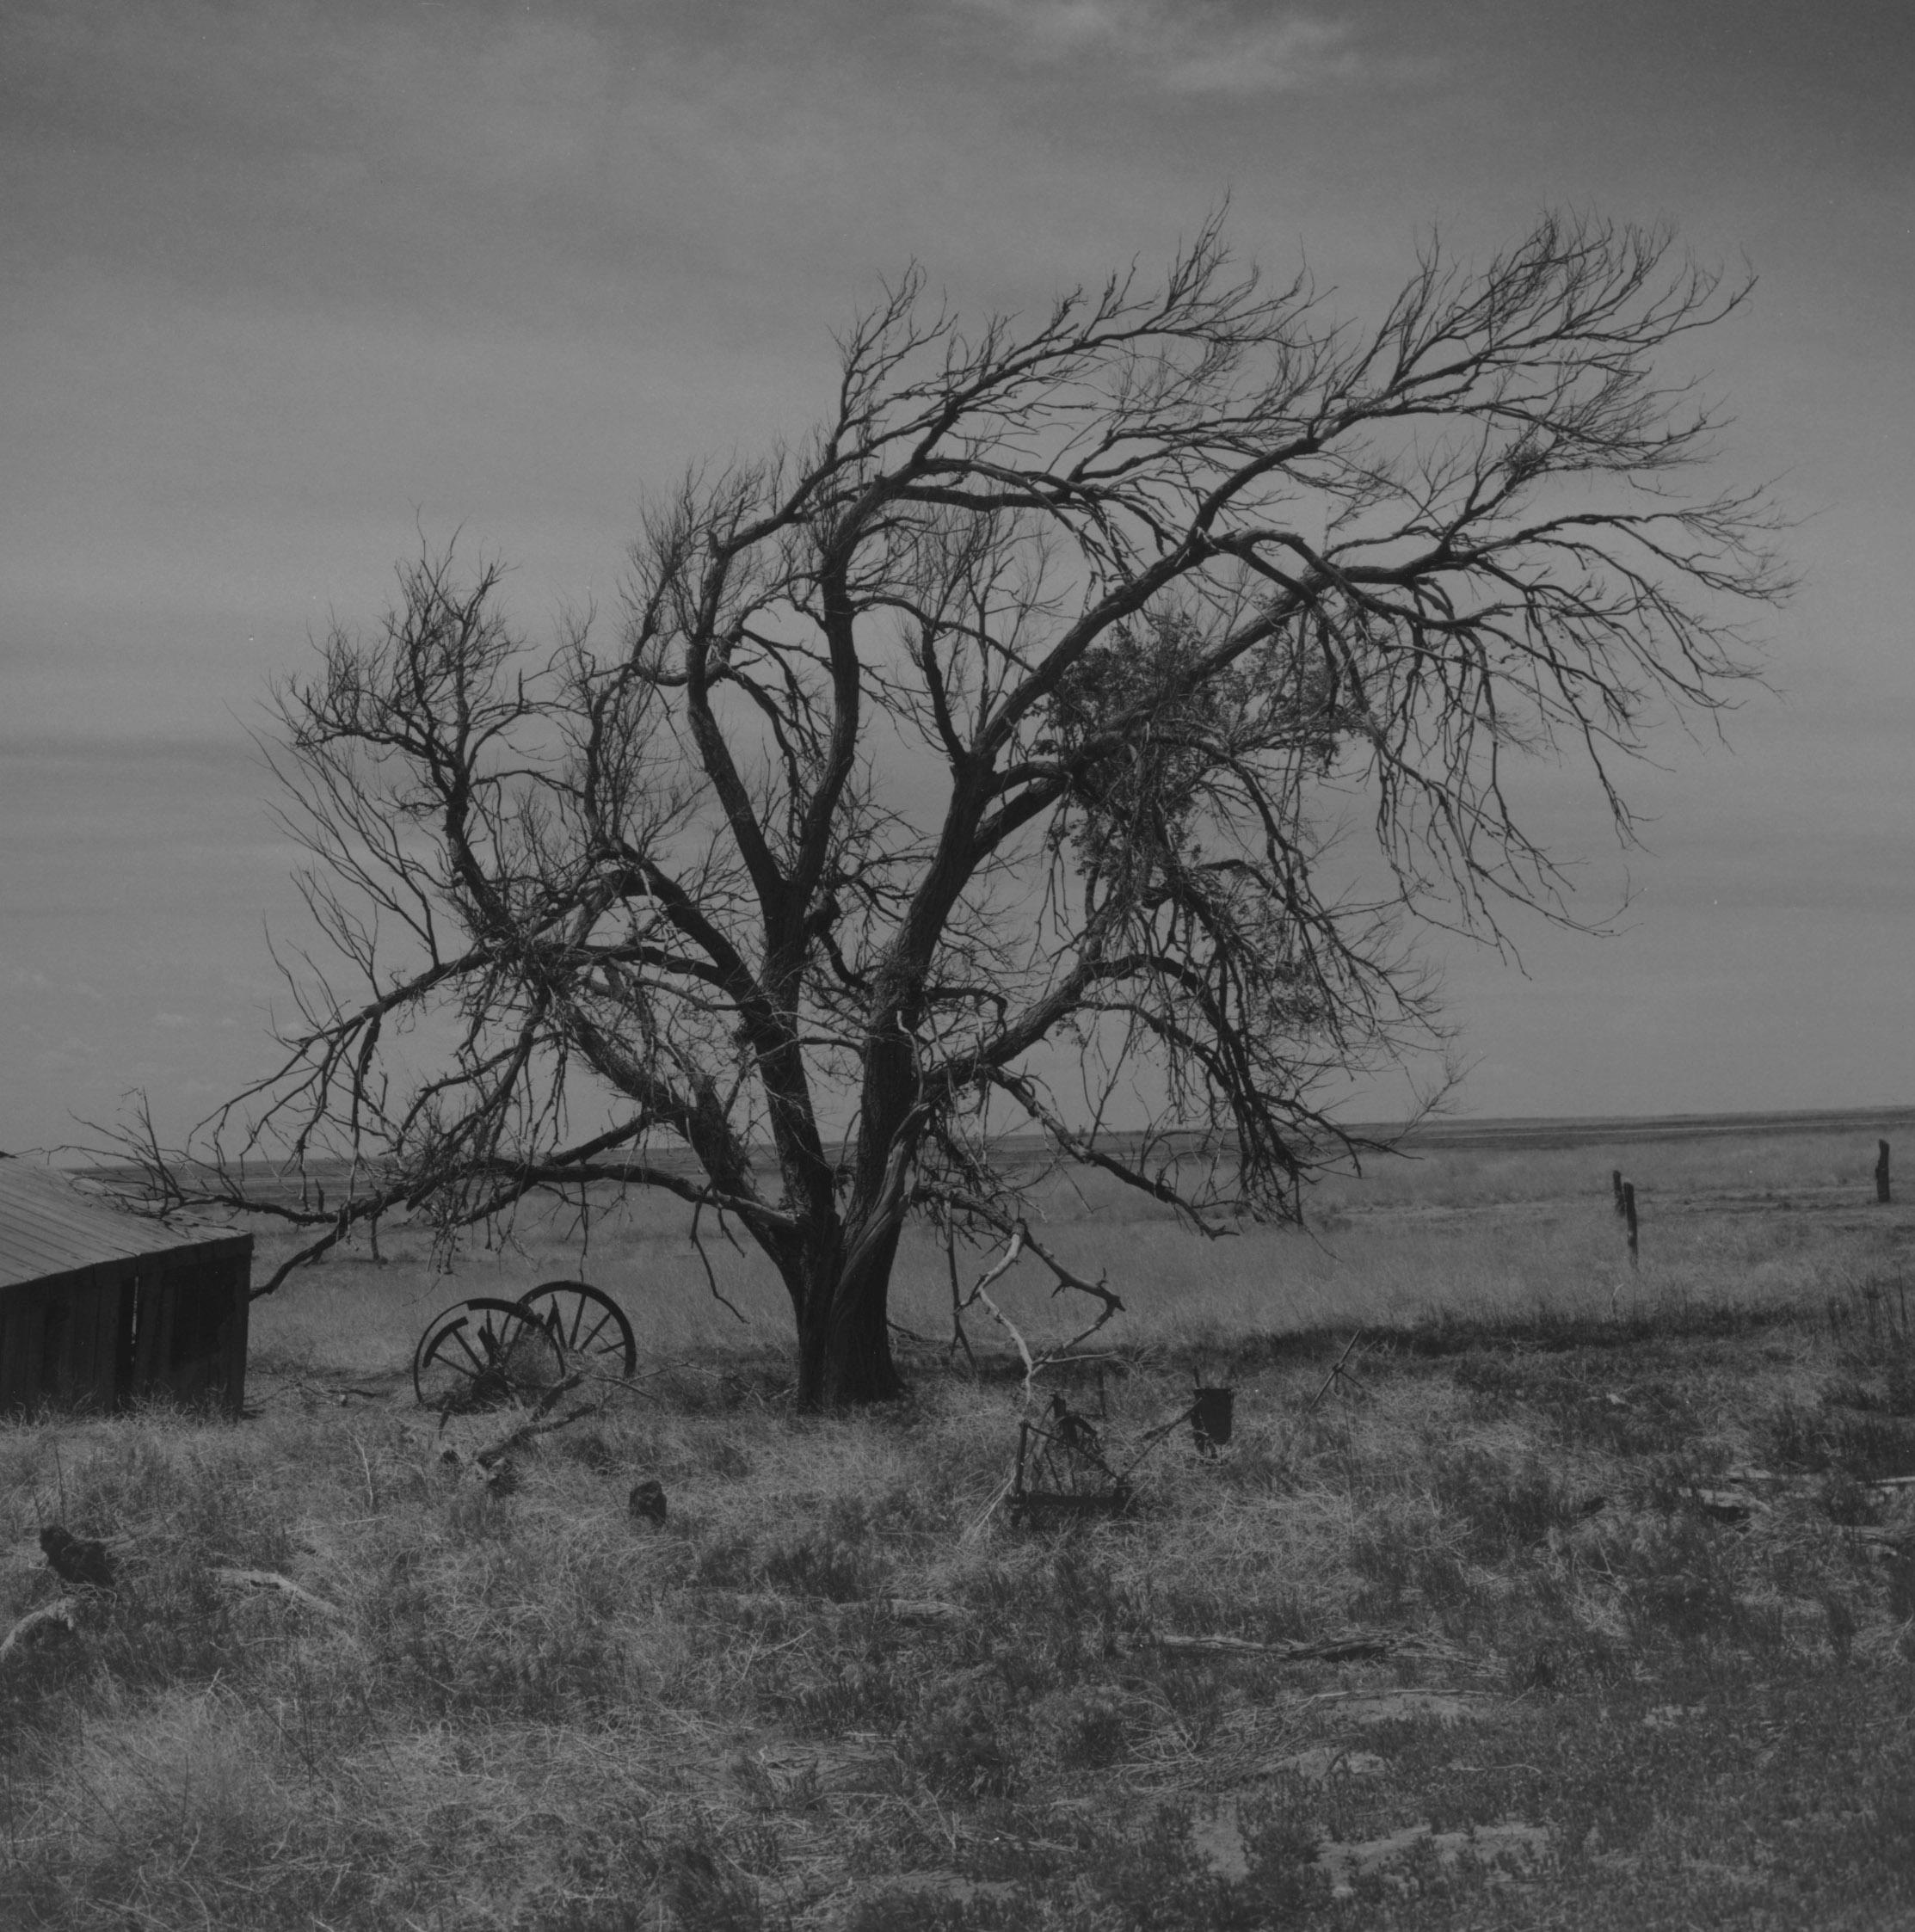 RD160, Pretchett, Colorado Comanche Grassland